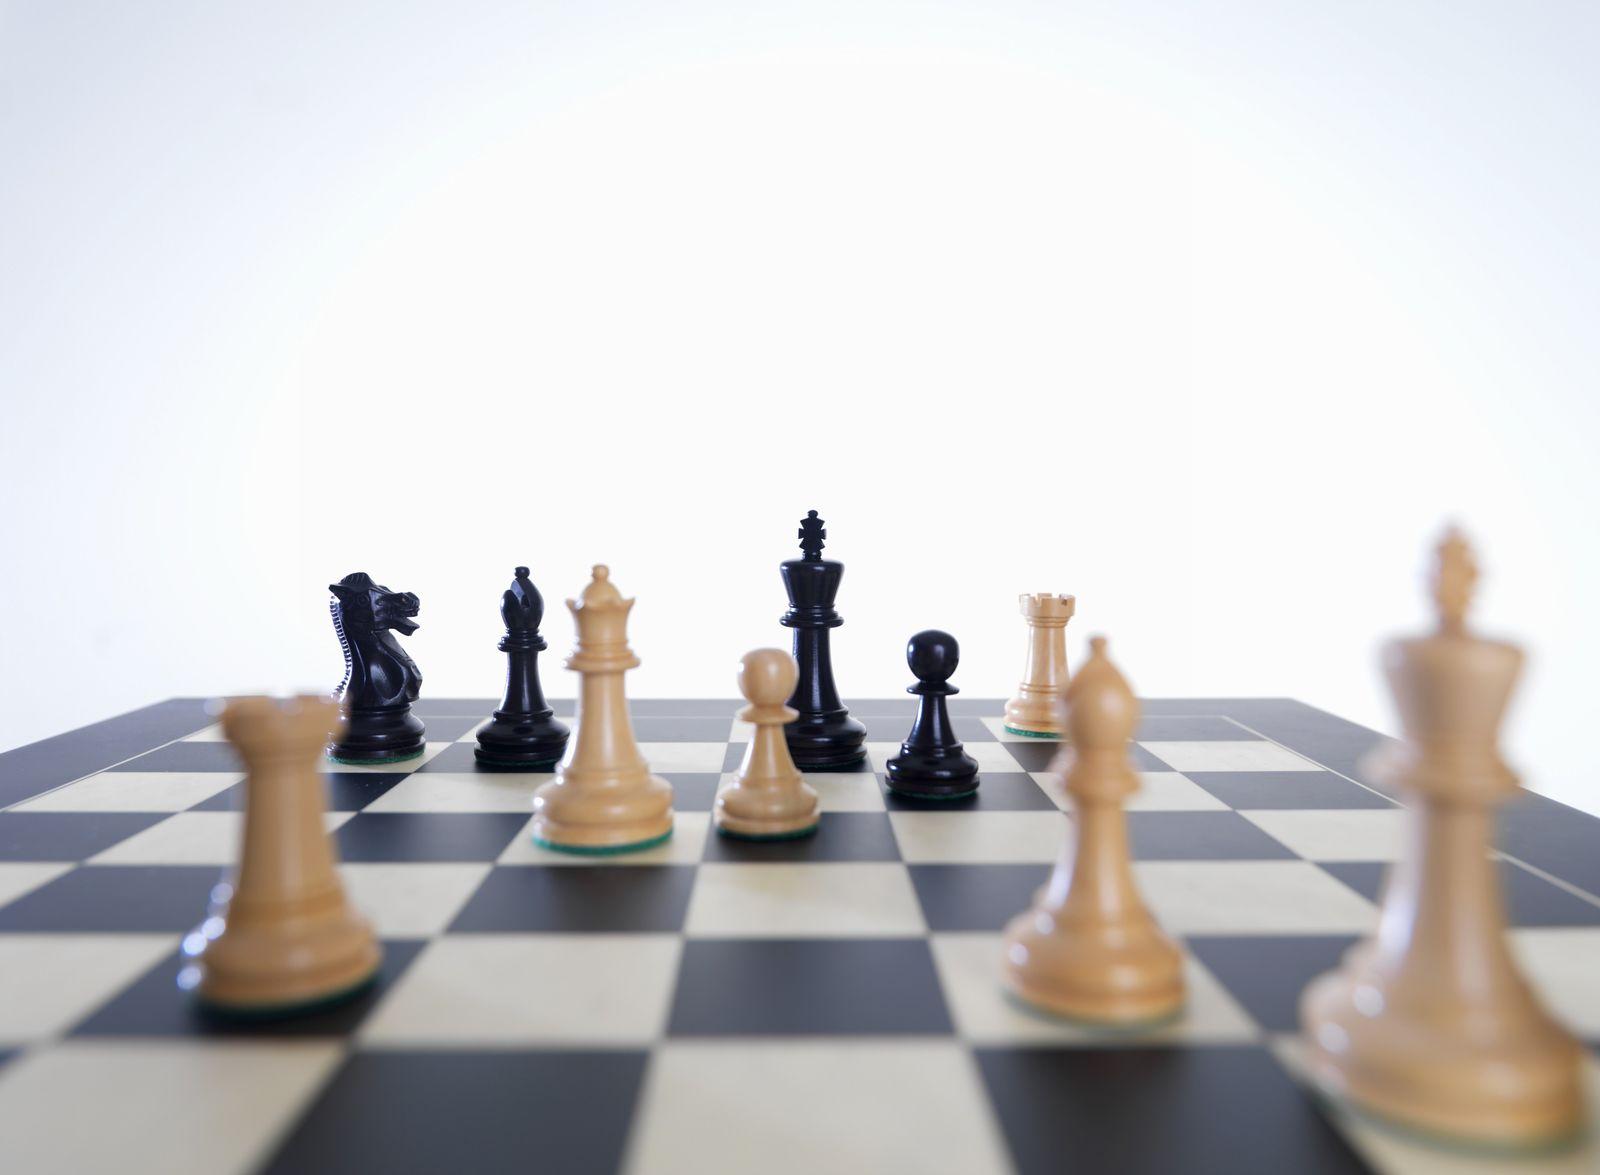 NICHT MEHR VERWENDEN! - Symbolbild Schach